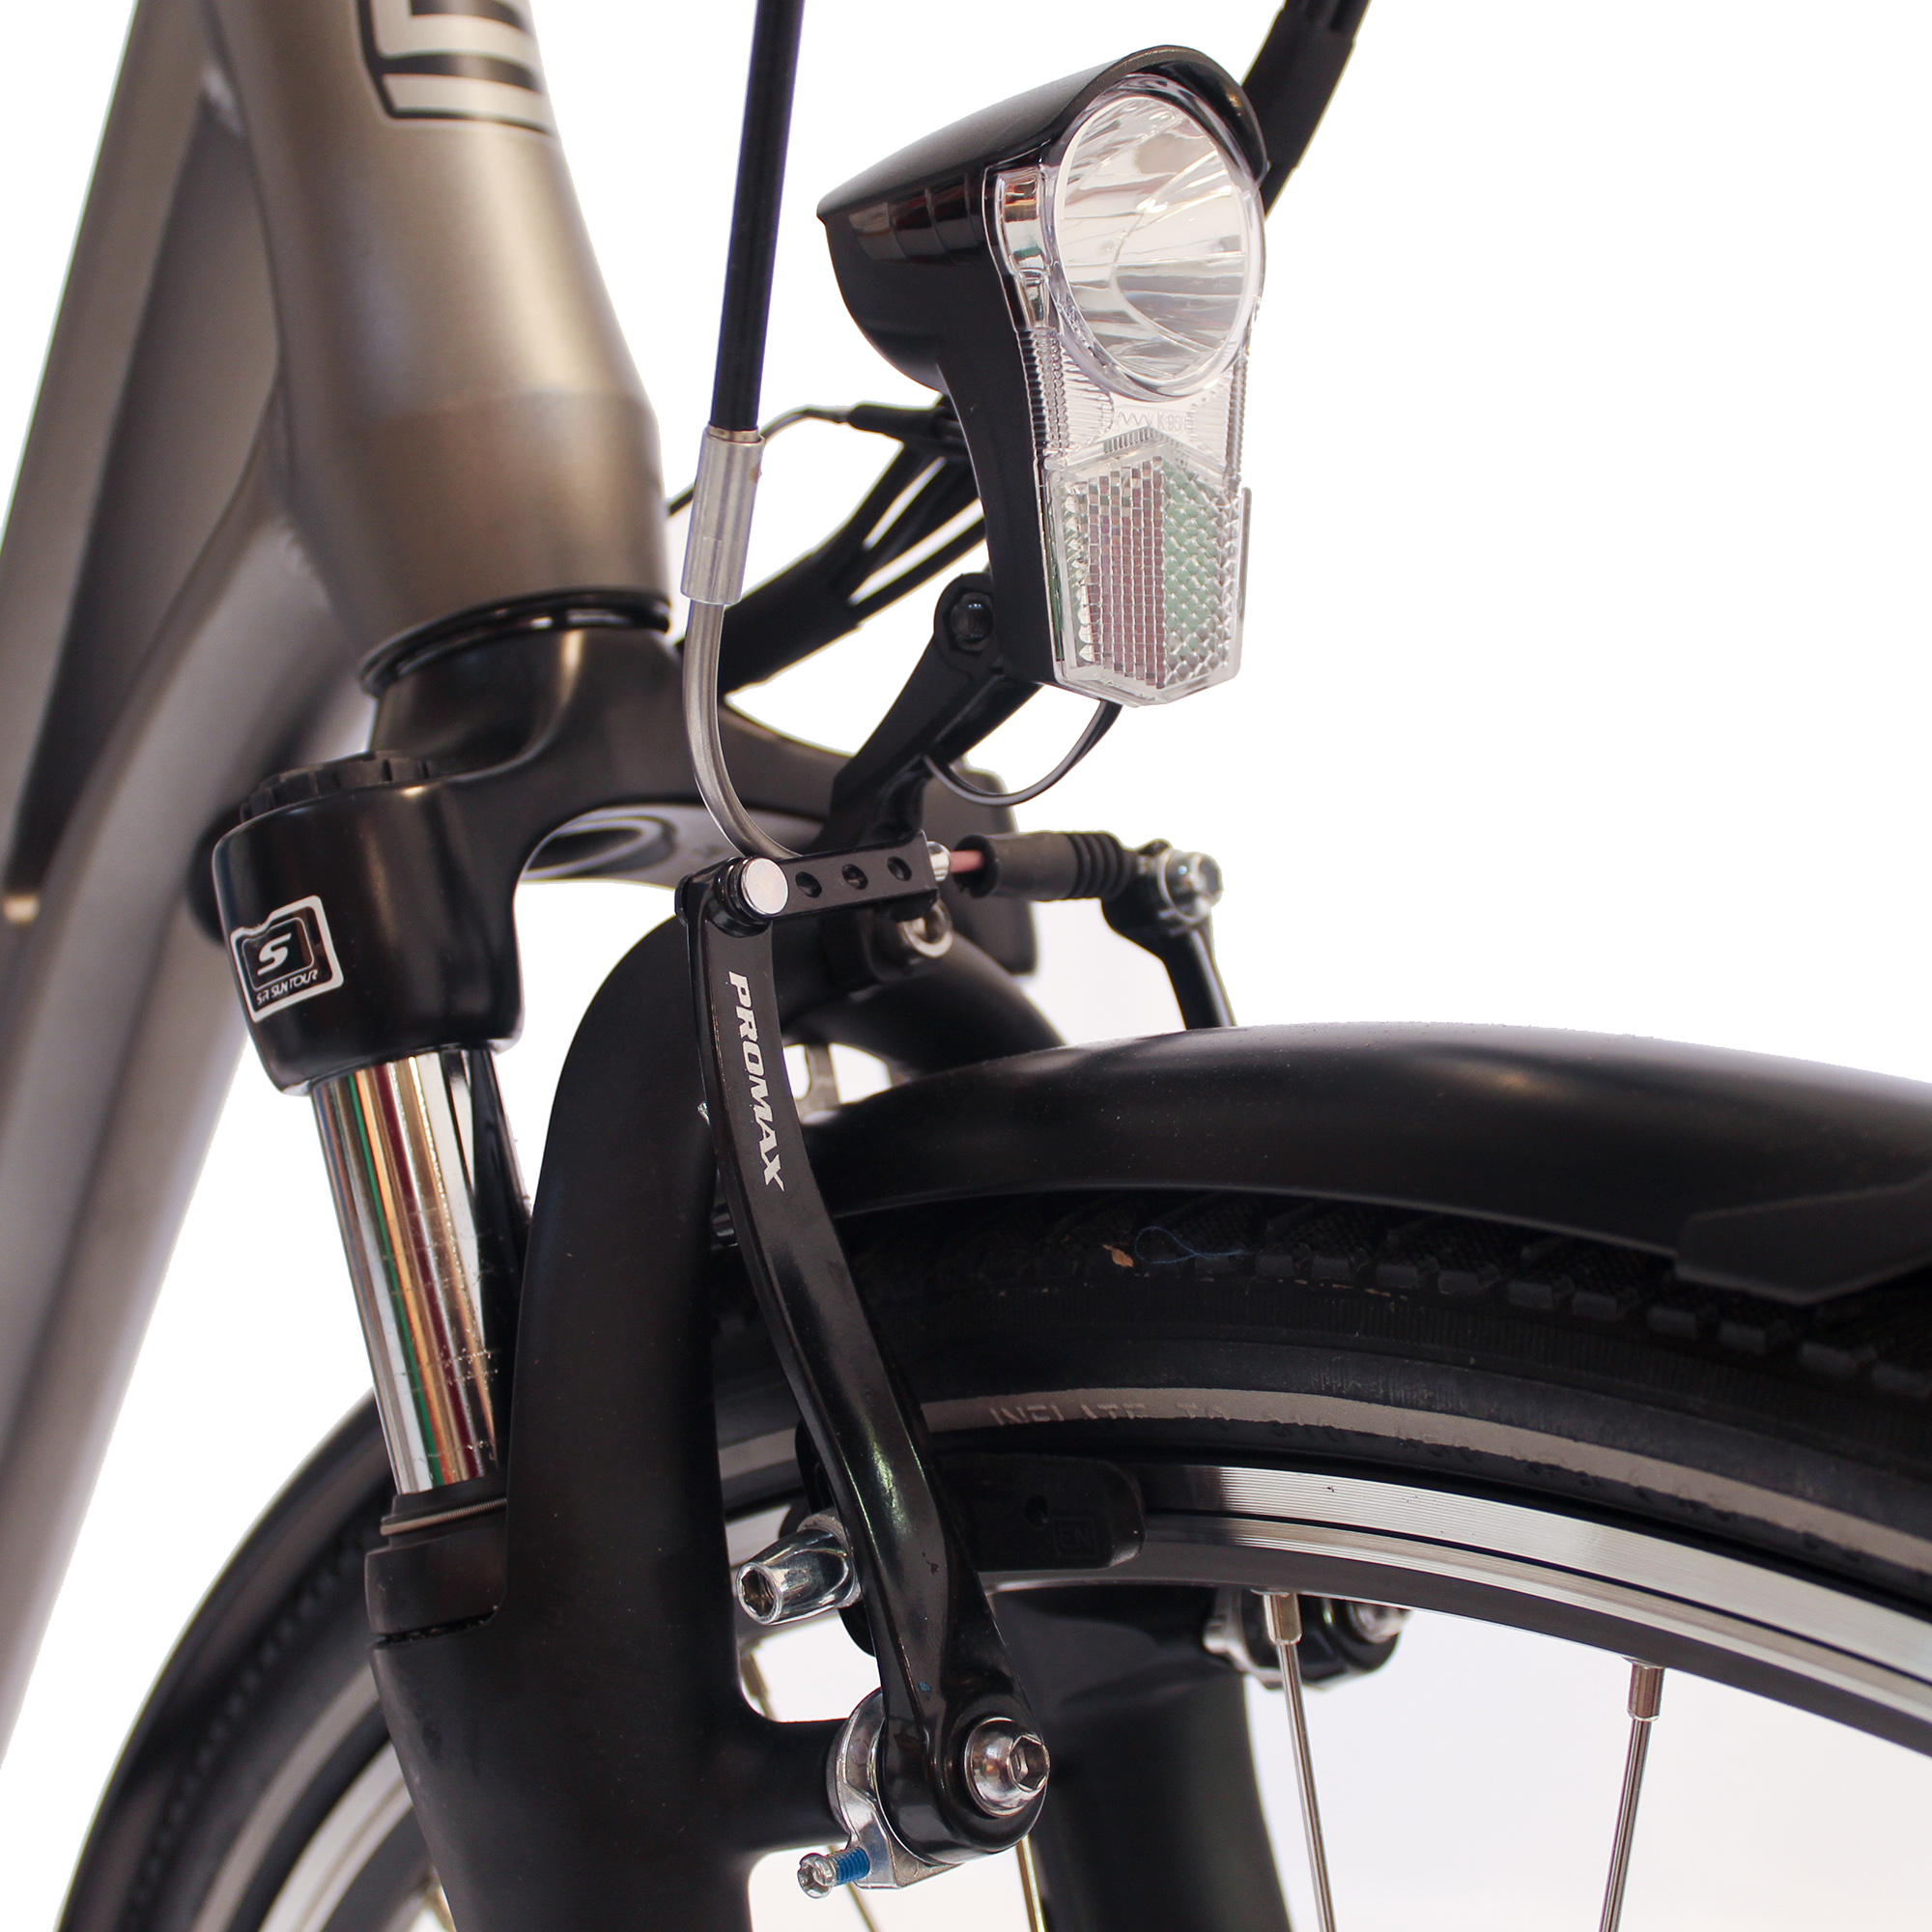 Bike - Leasing